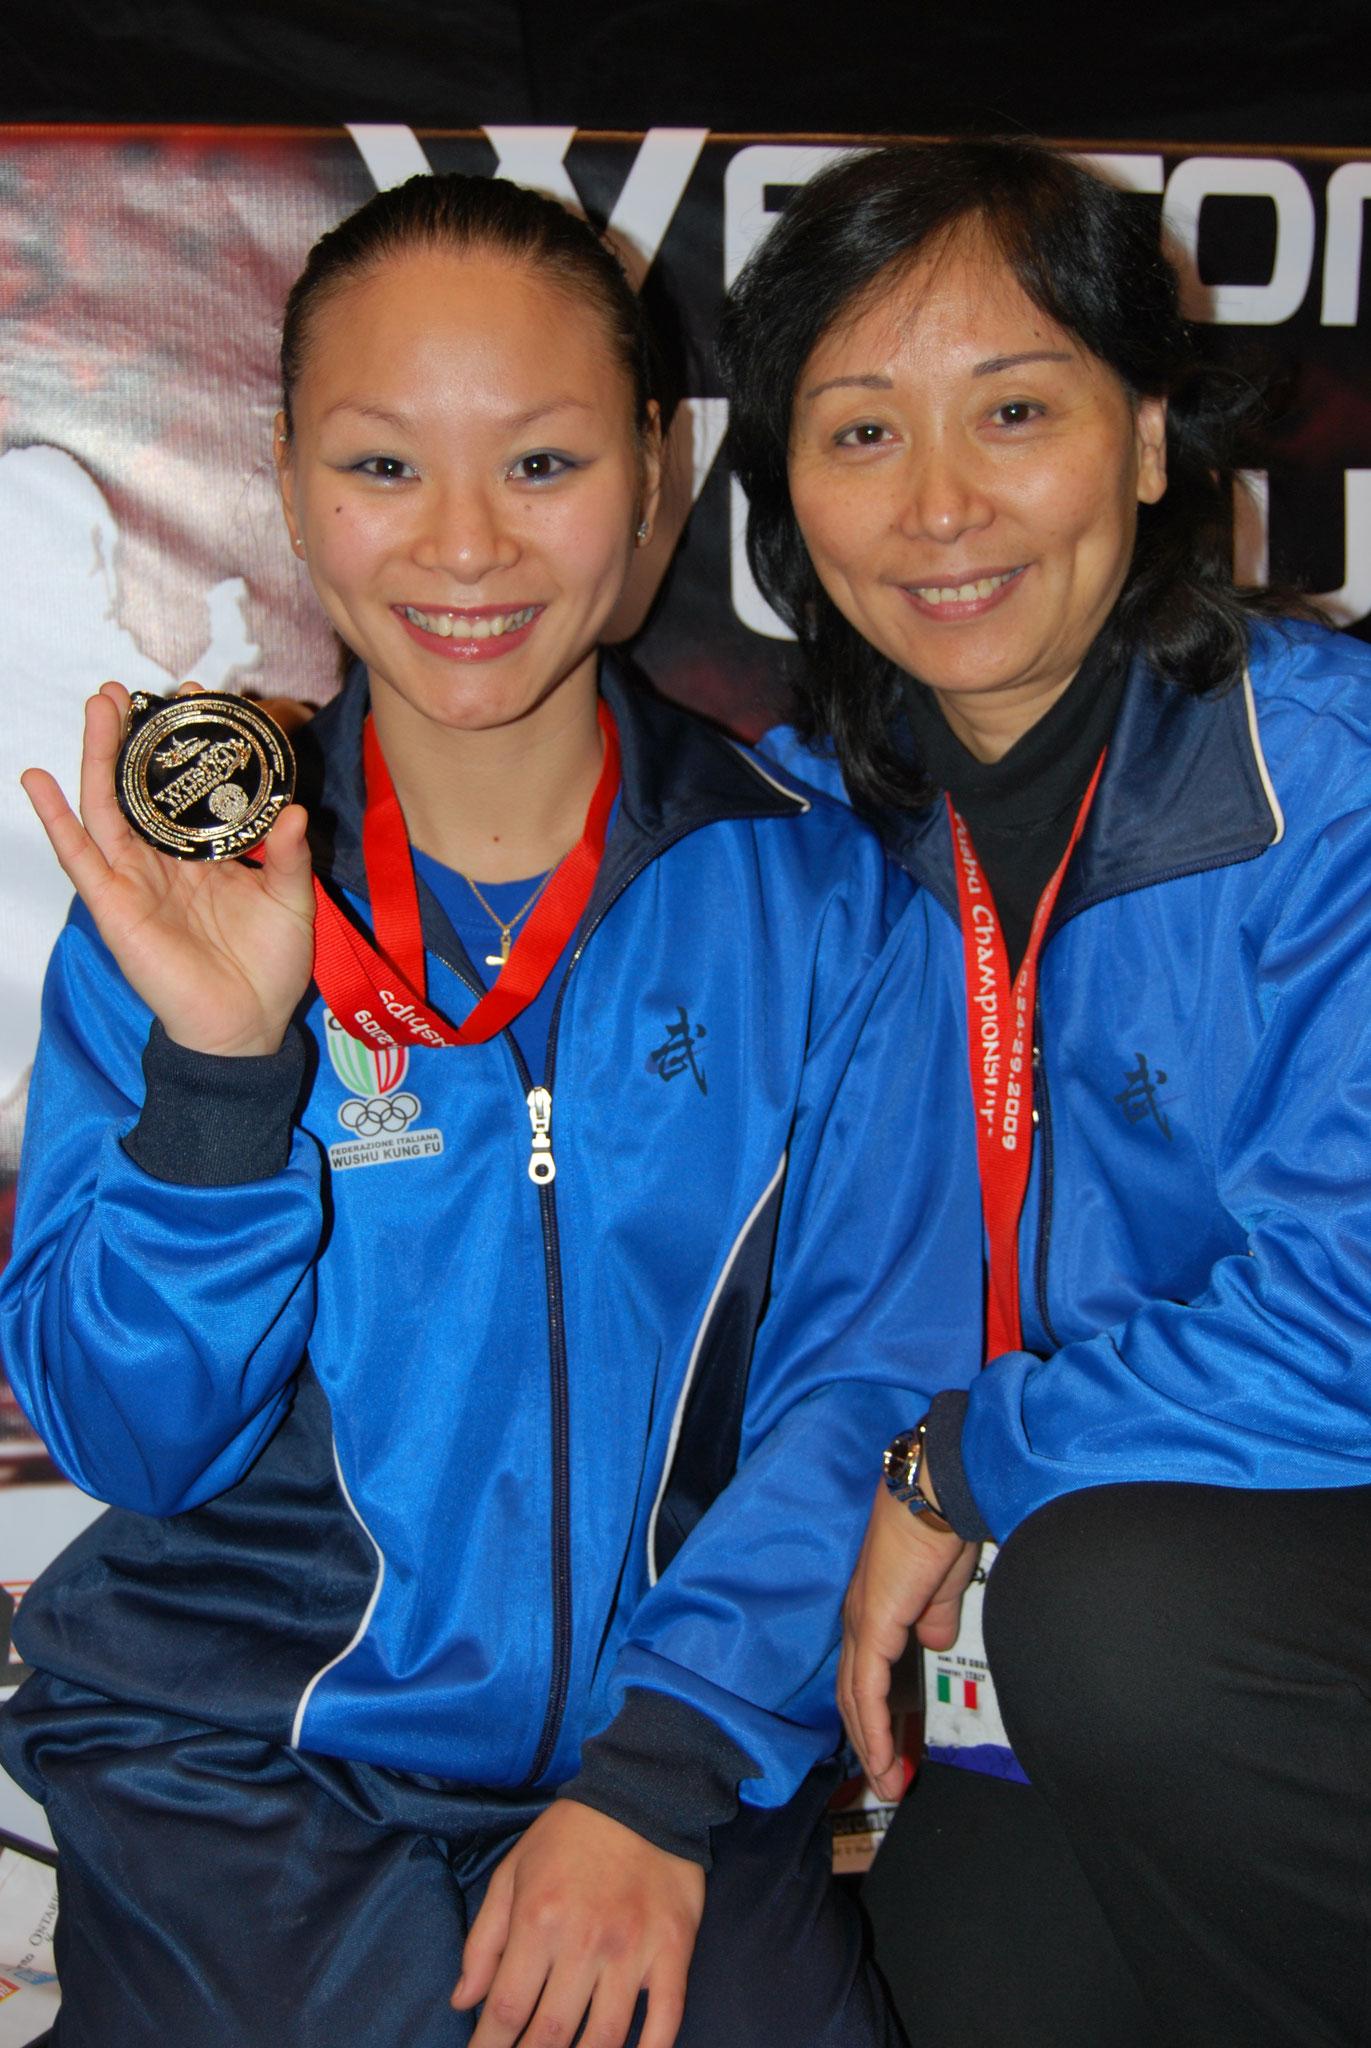 Campionato Mondiale di Wushu - Toronto, Canada 2009